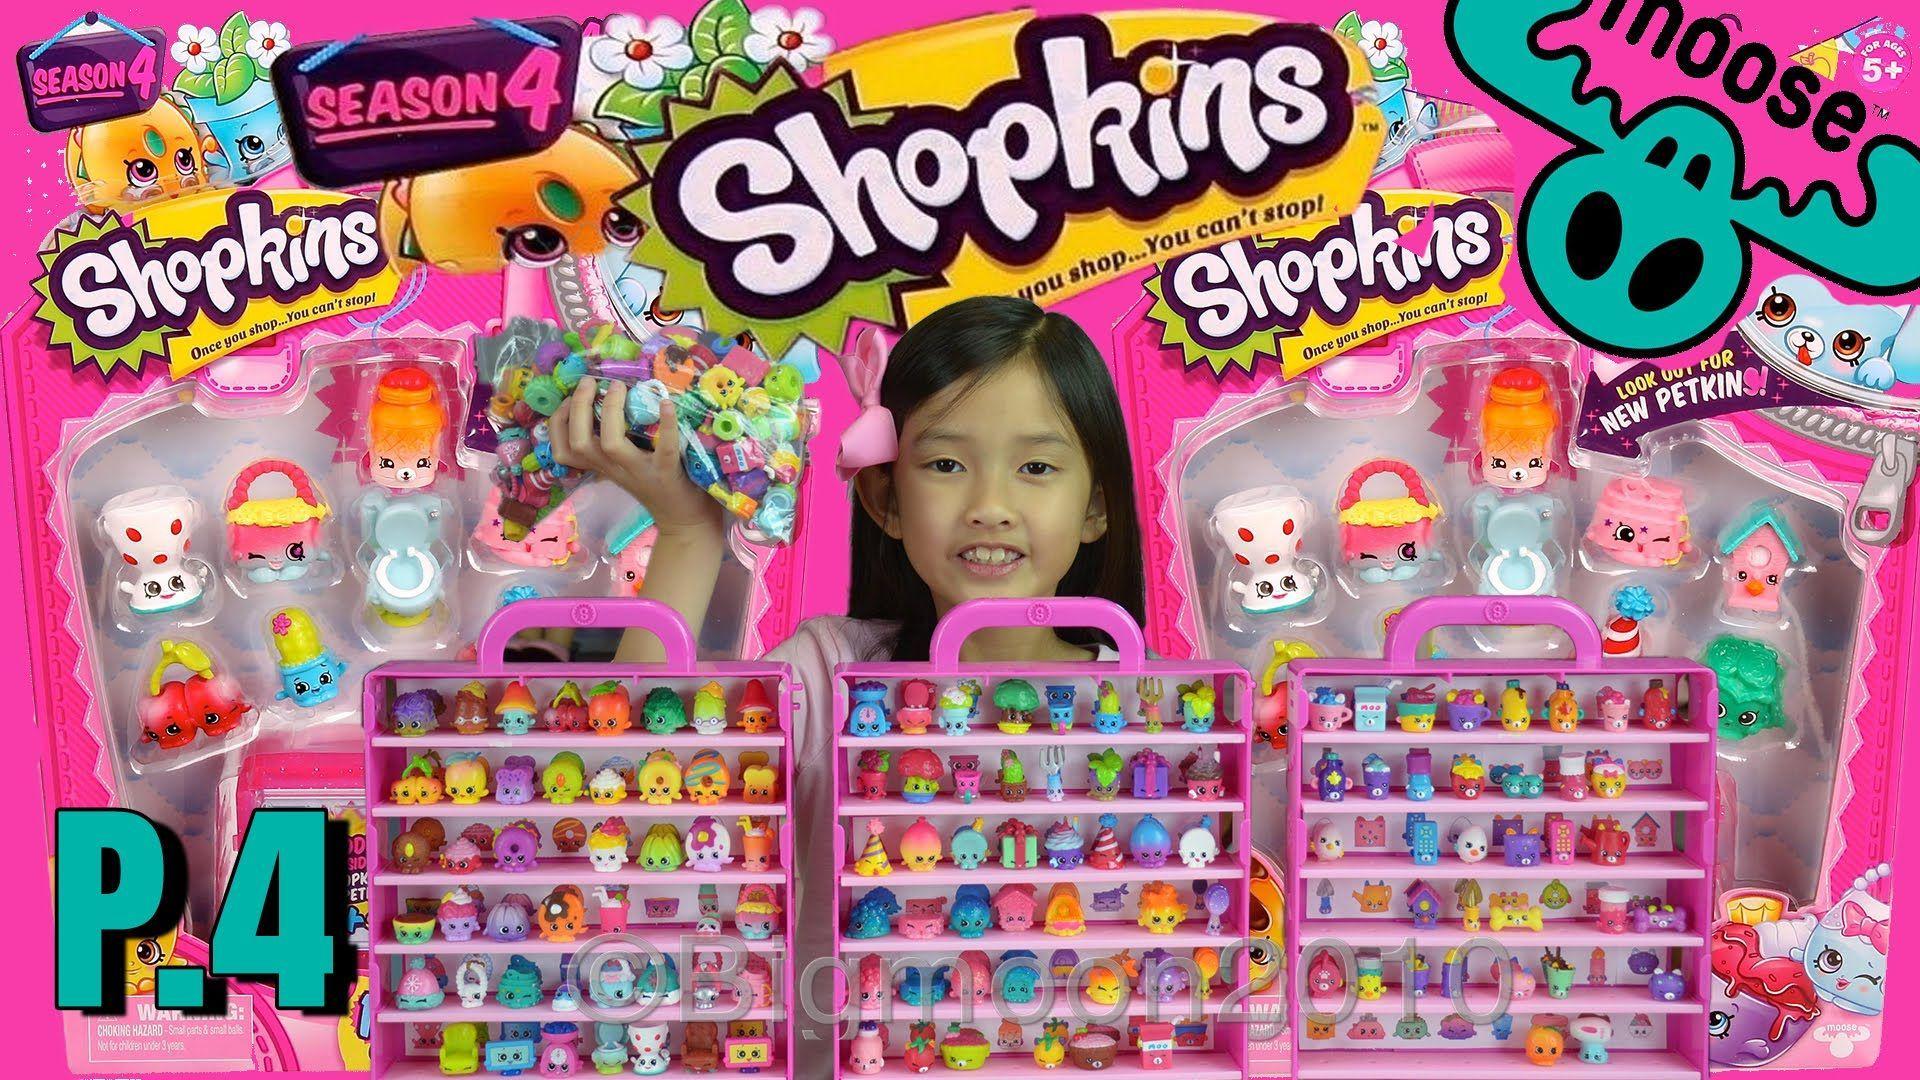 Moose Toys Shopkins Season Packs P Moose Toys, Shopkins Season